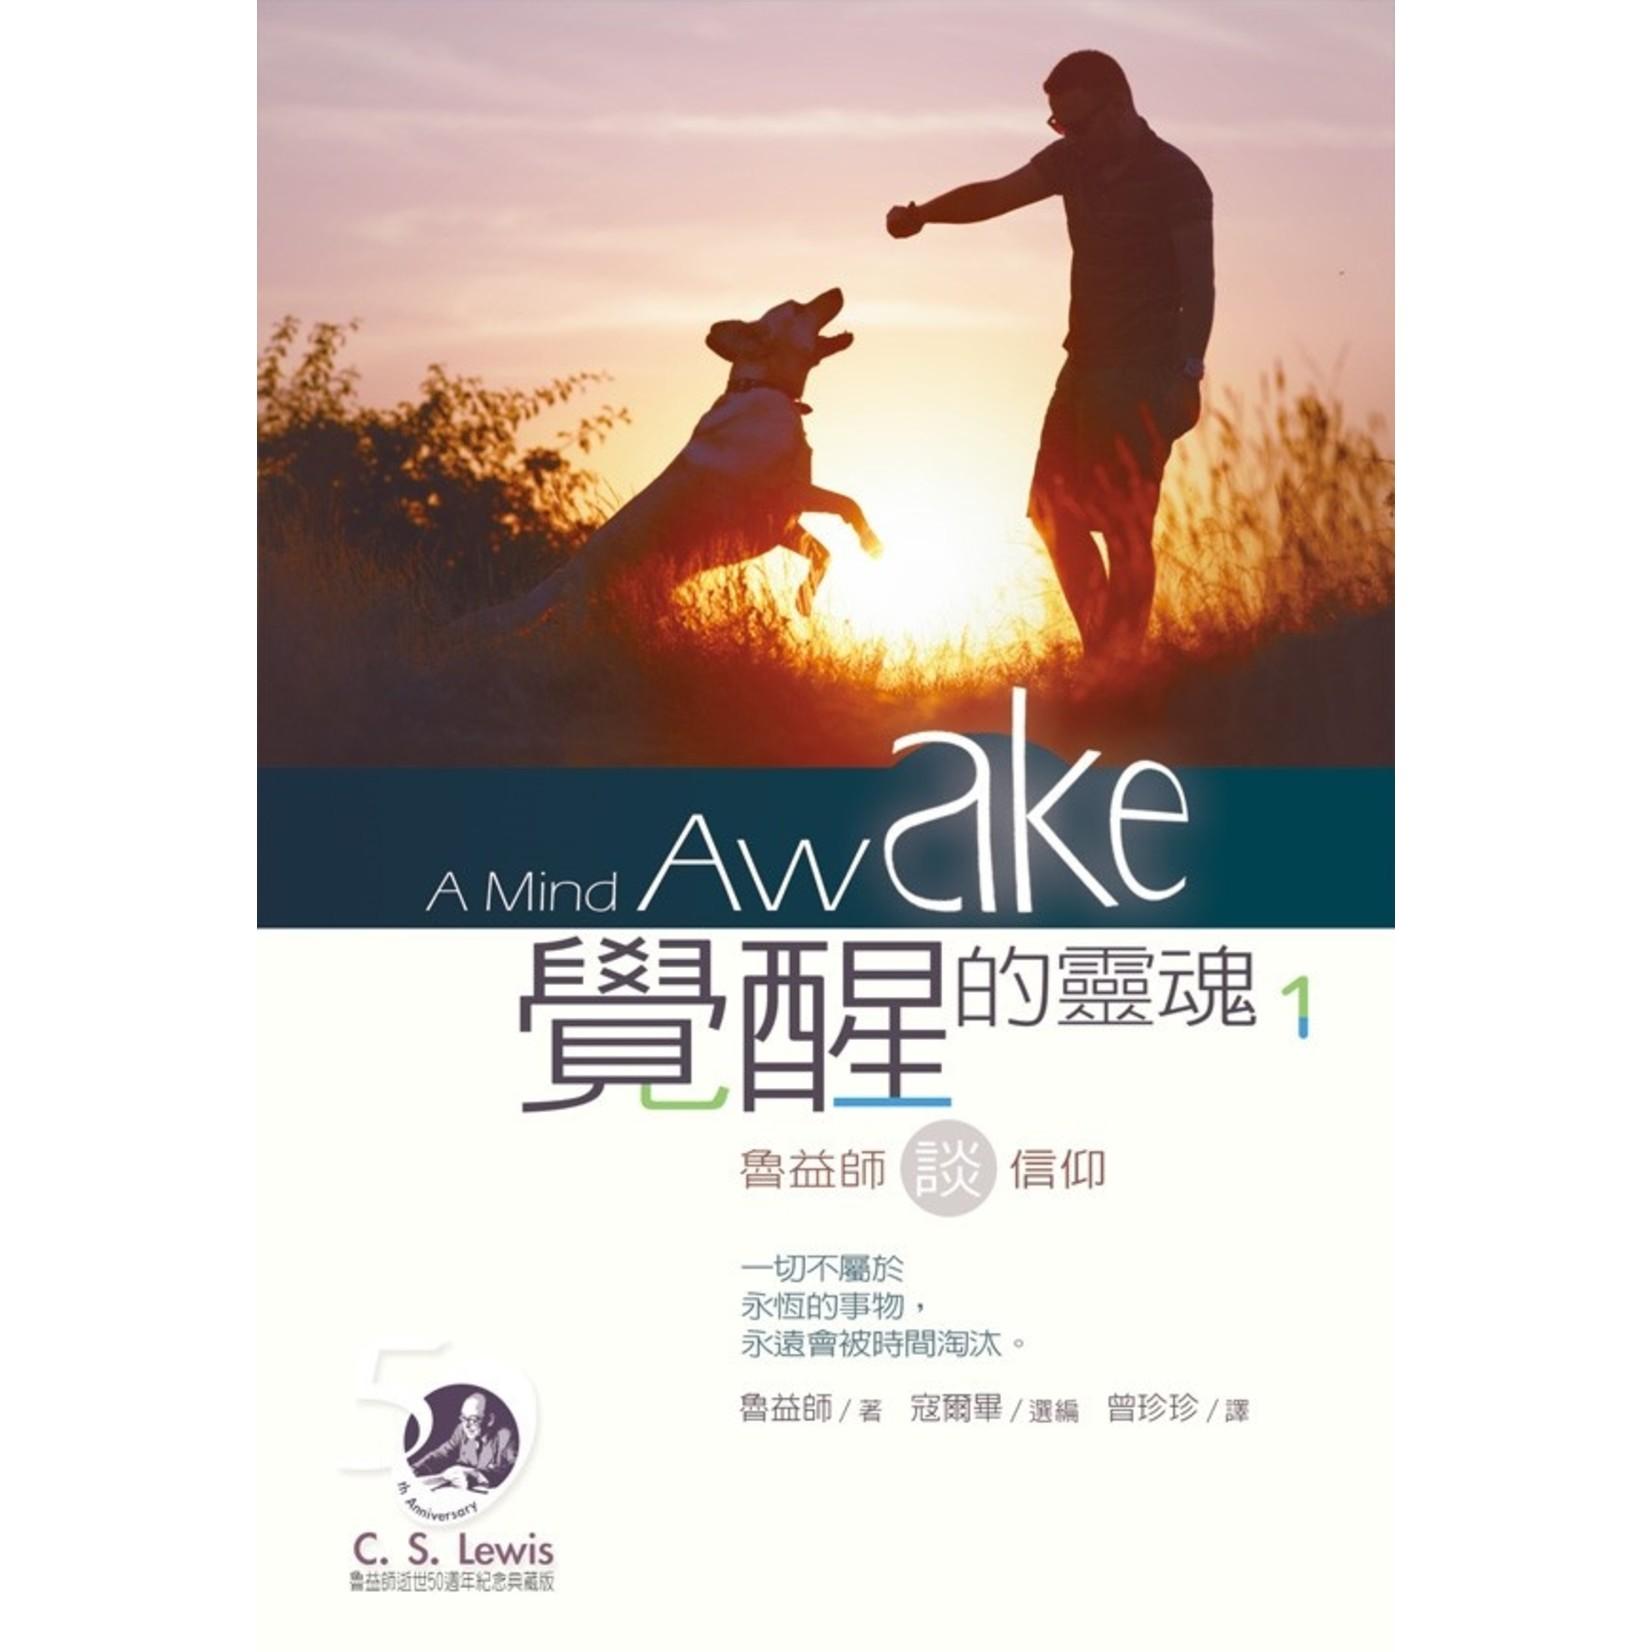 校園書房 Campus Books 覺醒的靈魂1:魯益師談信仰 A Mind Awake